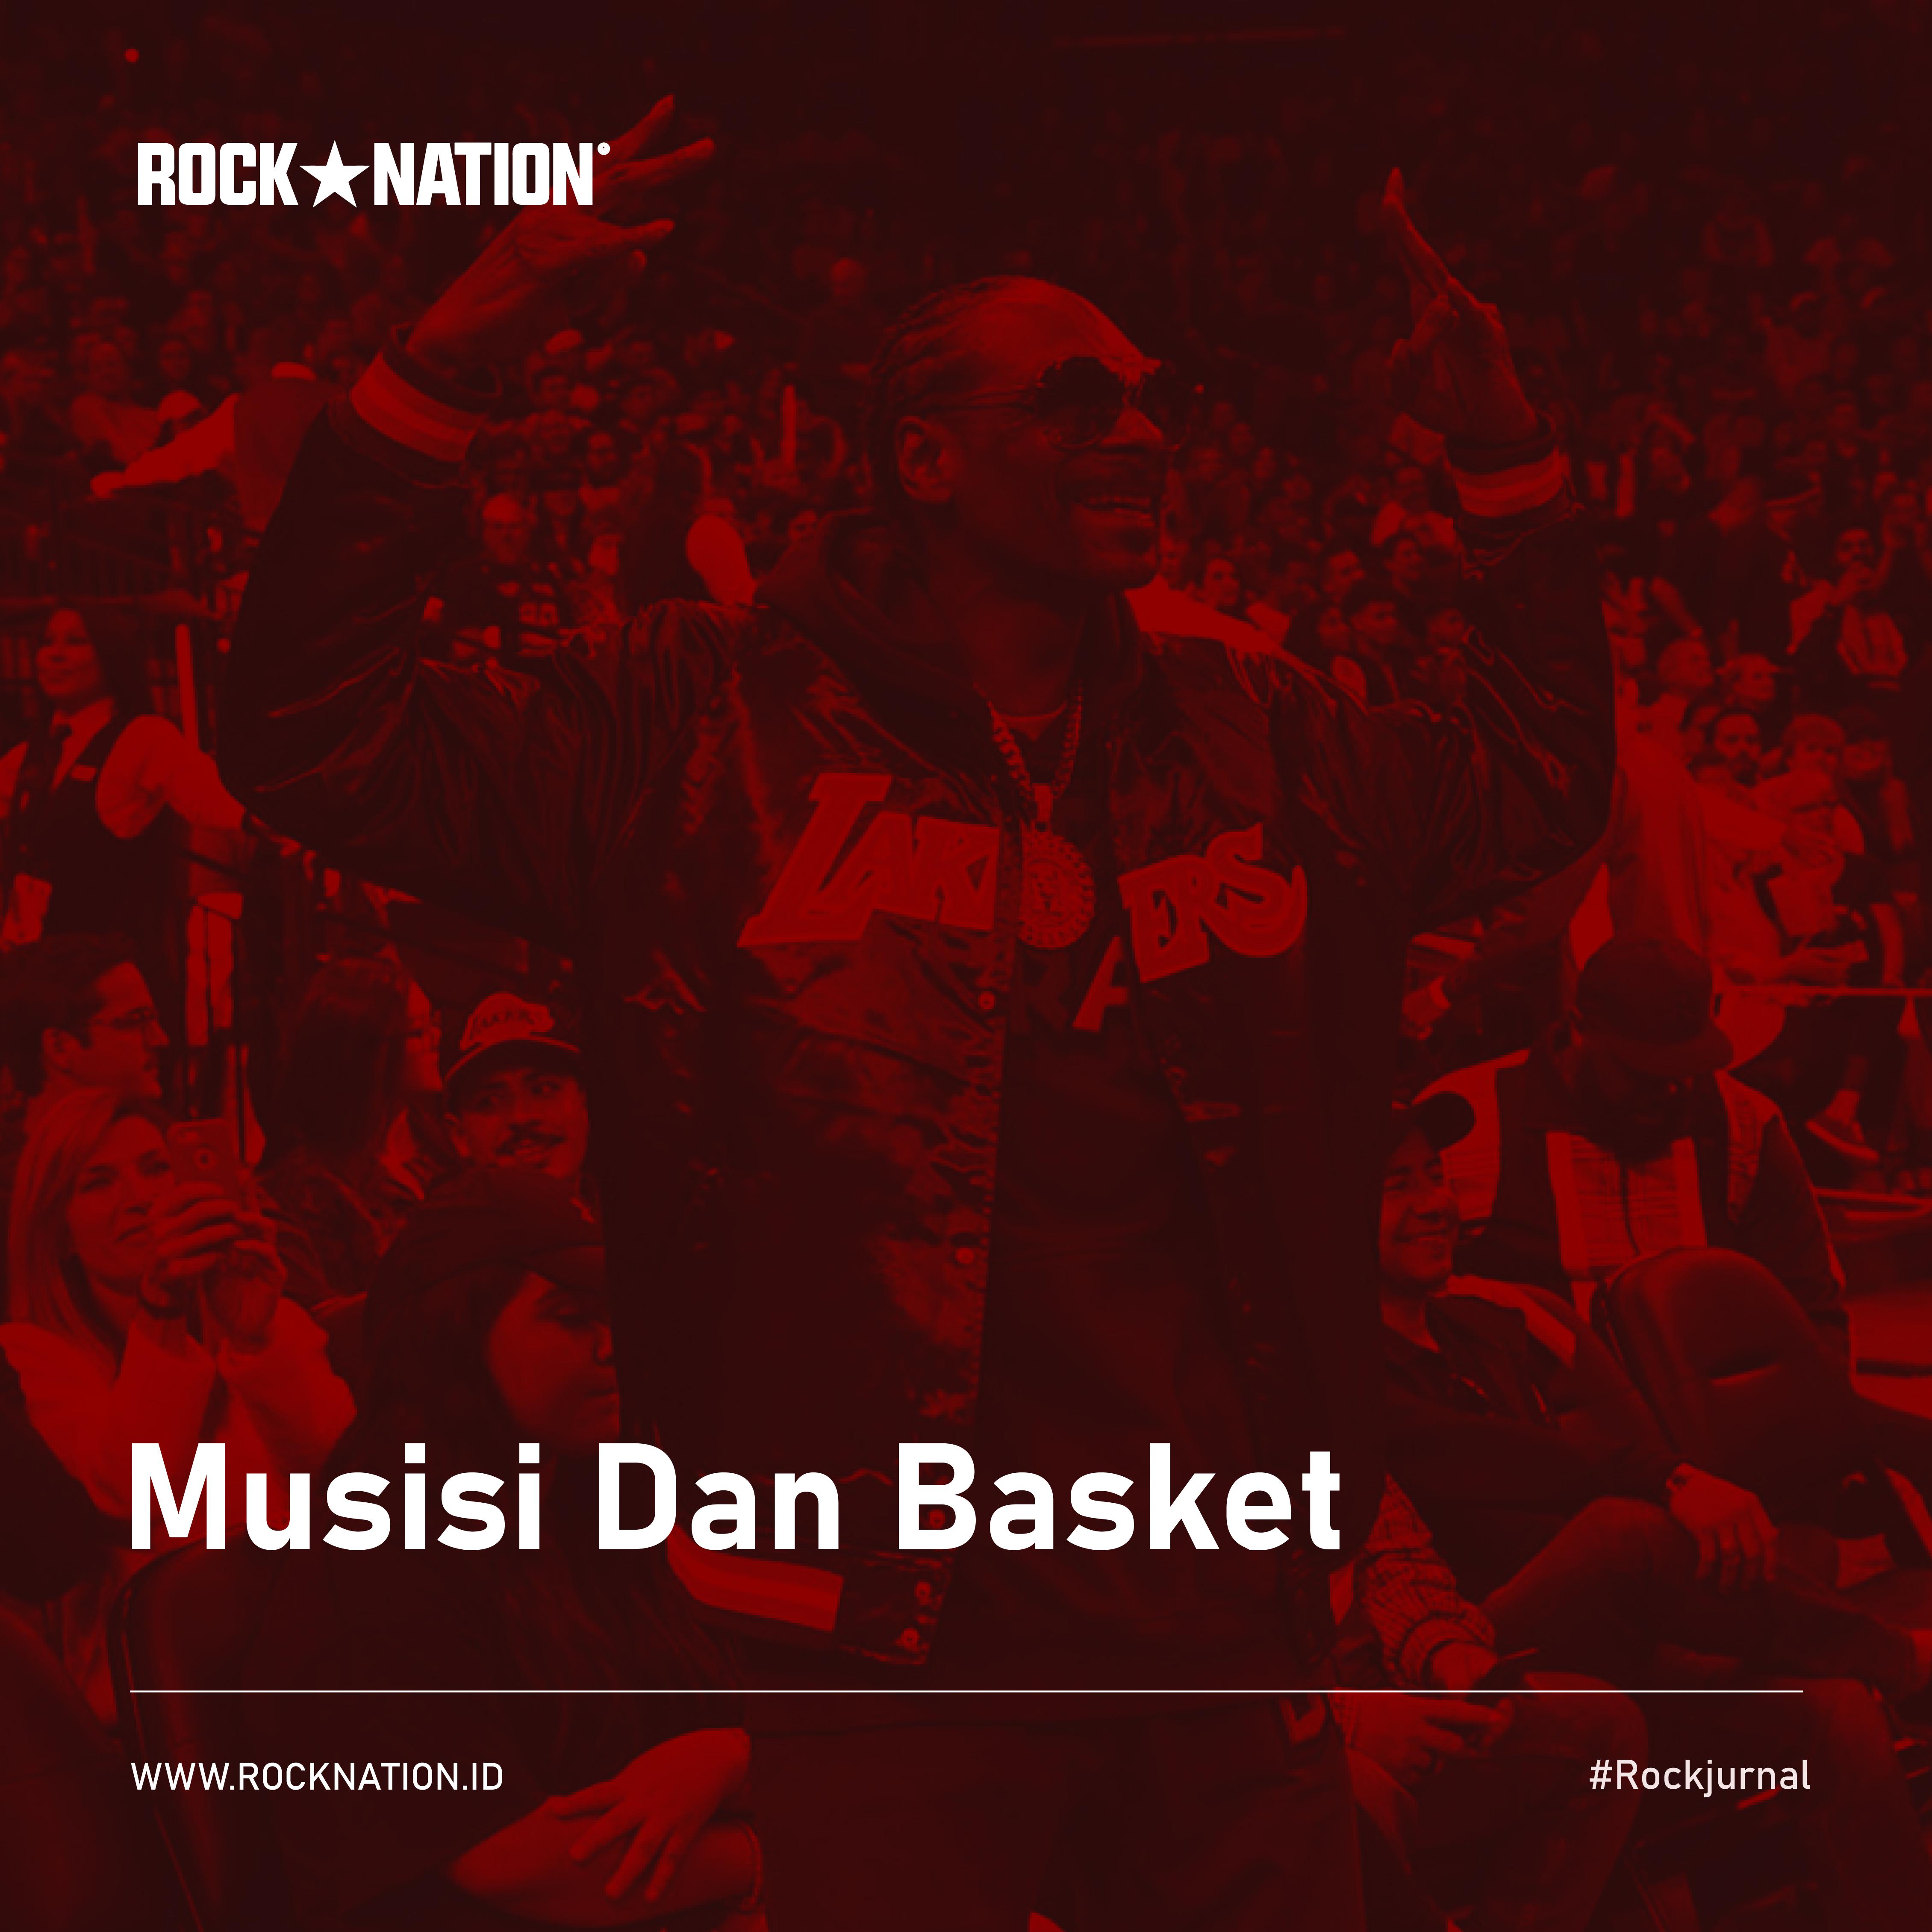 Musisi Dan Basket image